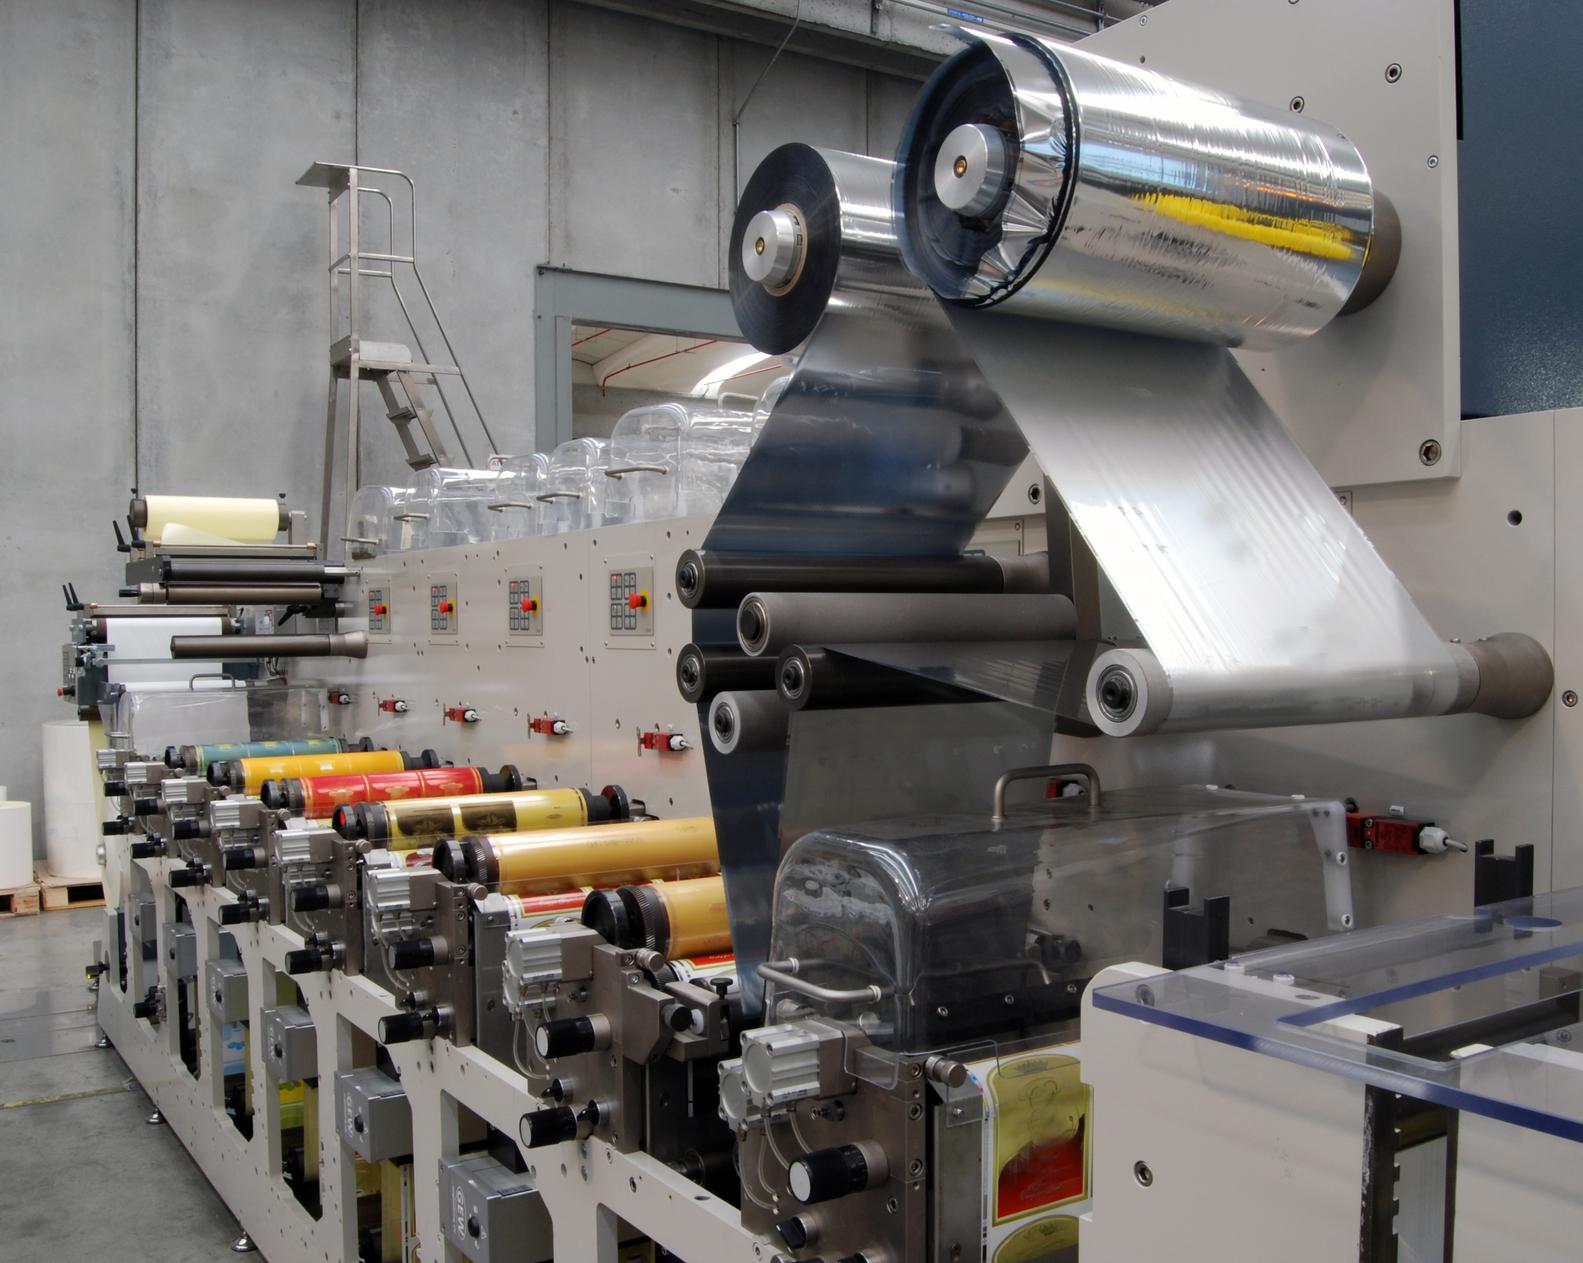 Traçabilité de produits sur des lignes de production de batteries